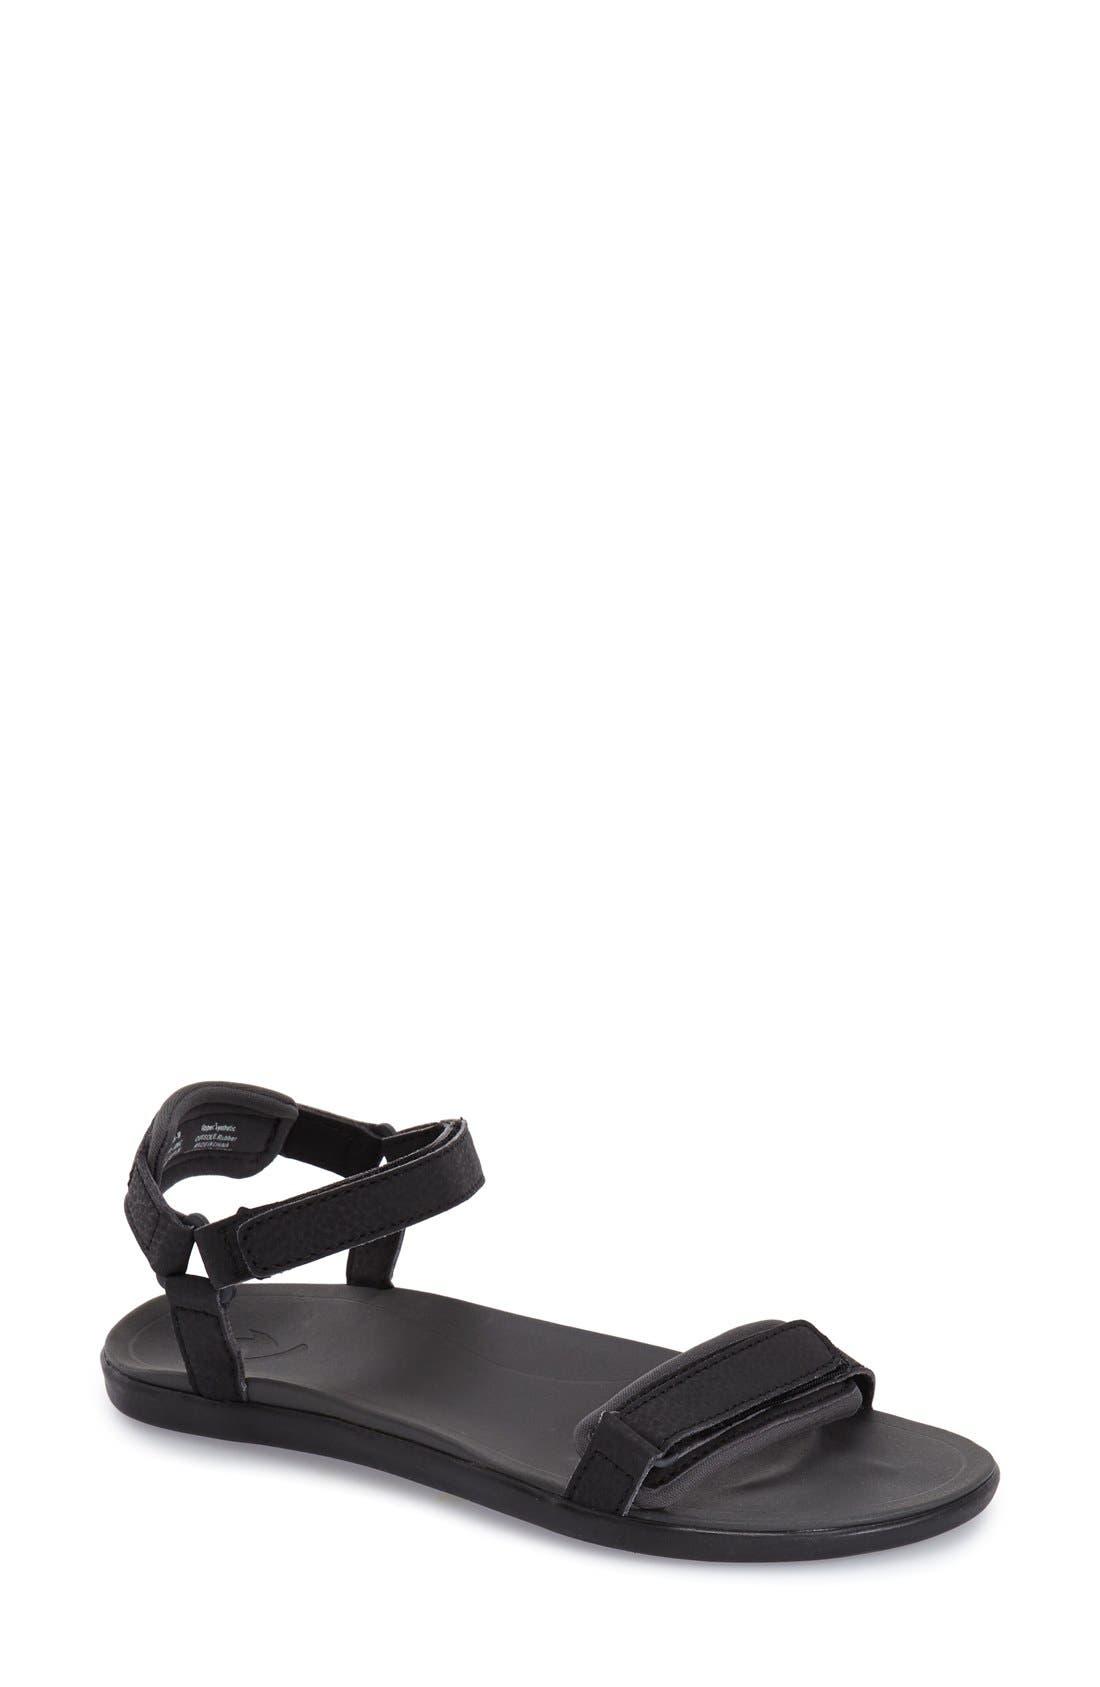 'Luana' Sandal,                         Main,                         color, Black Faux Leather